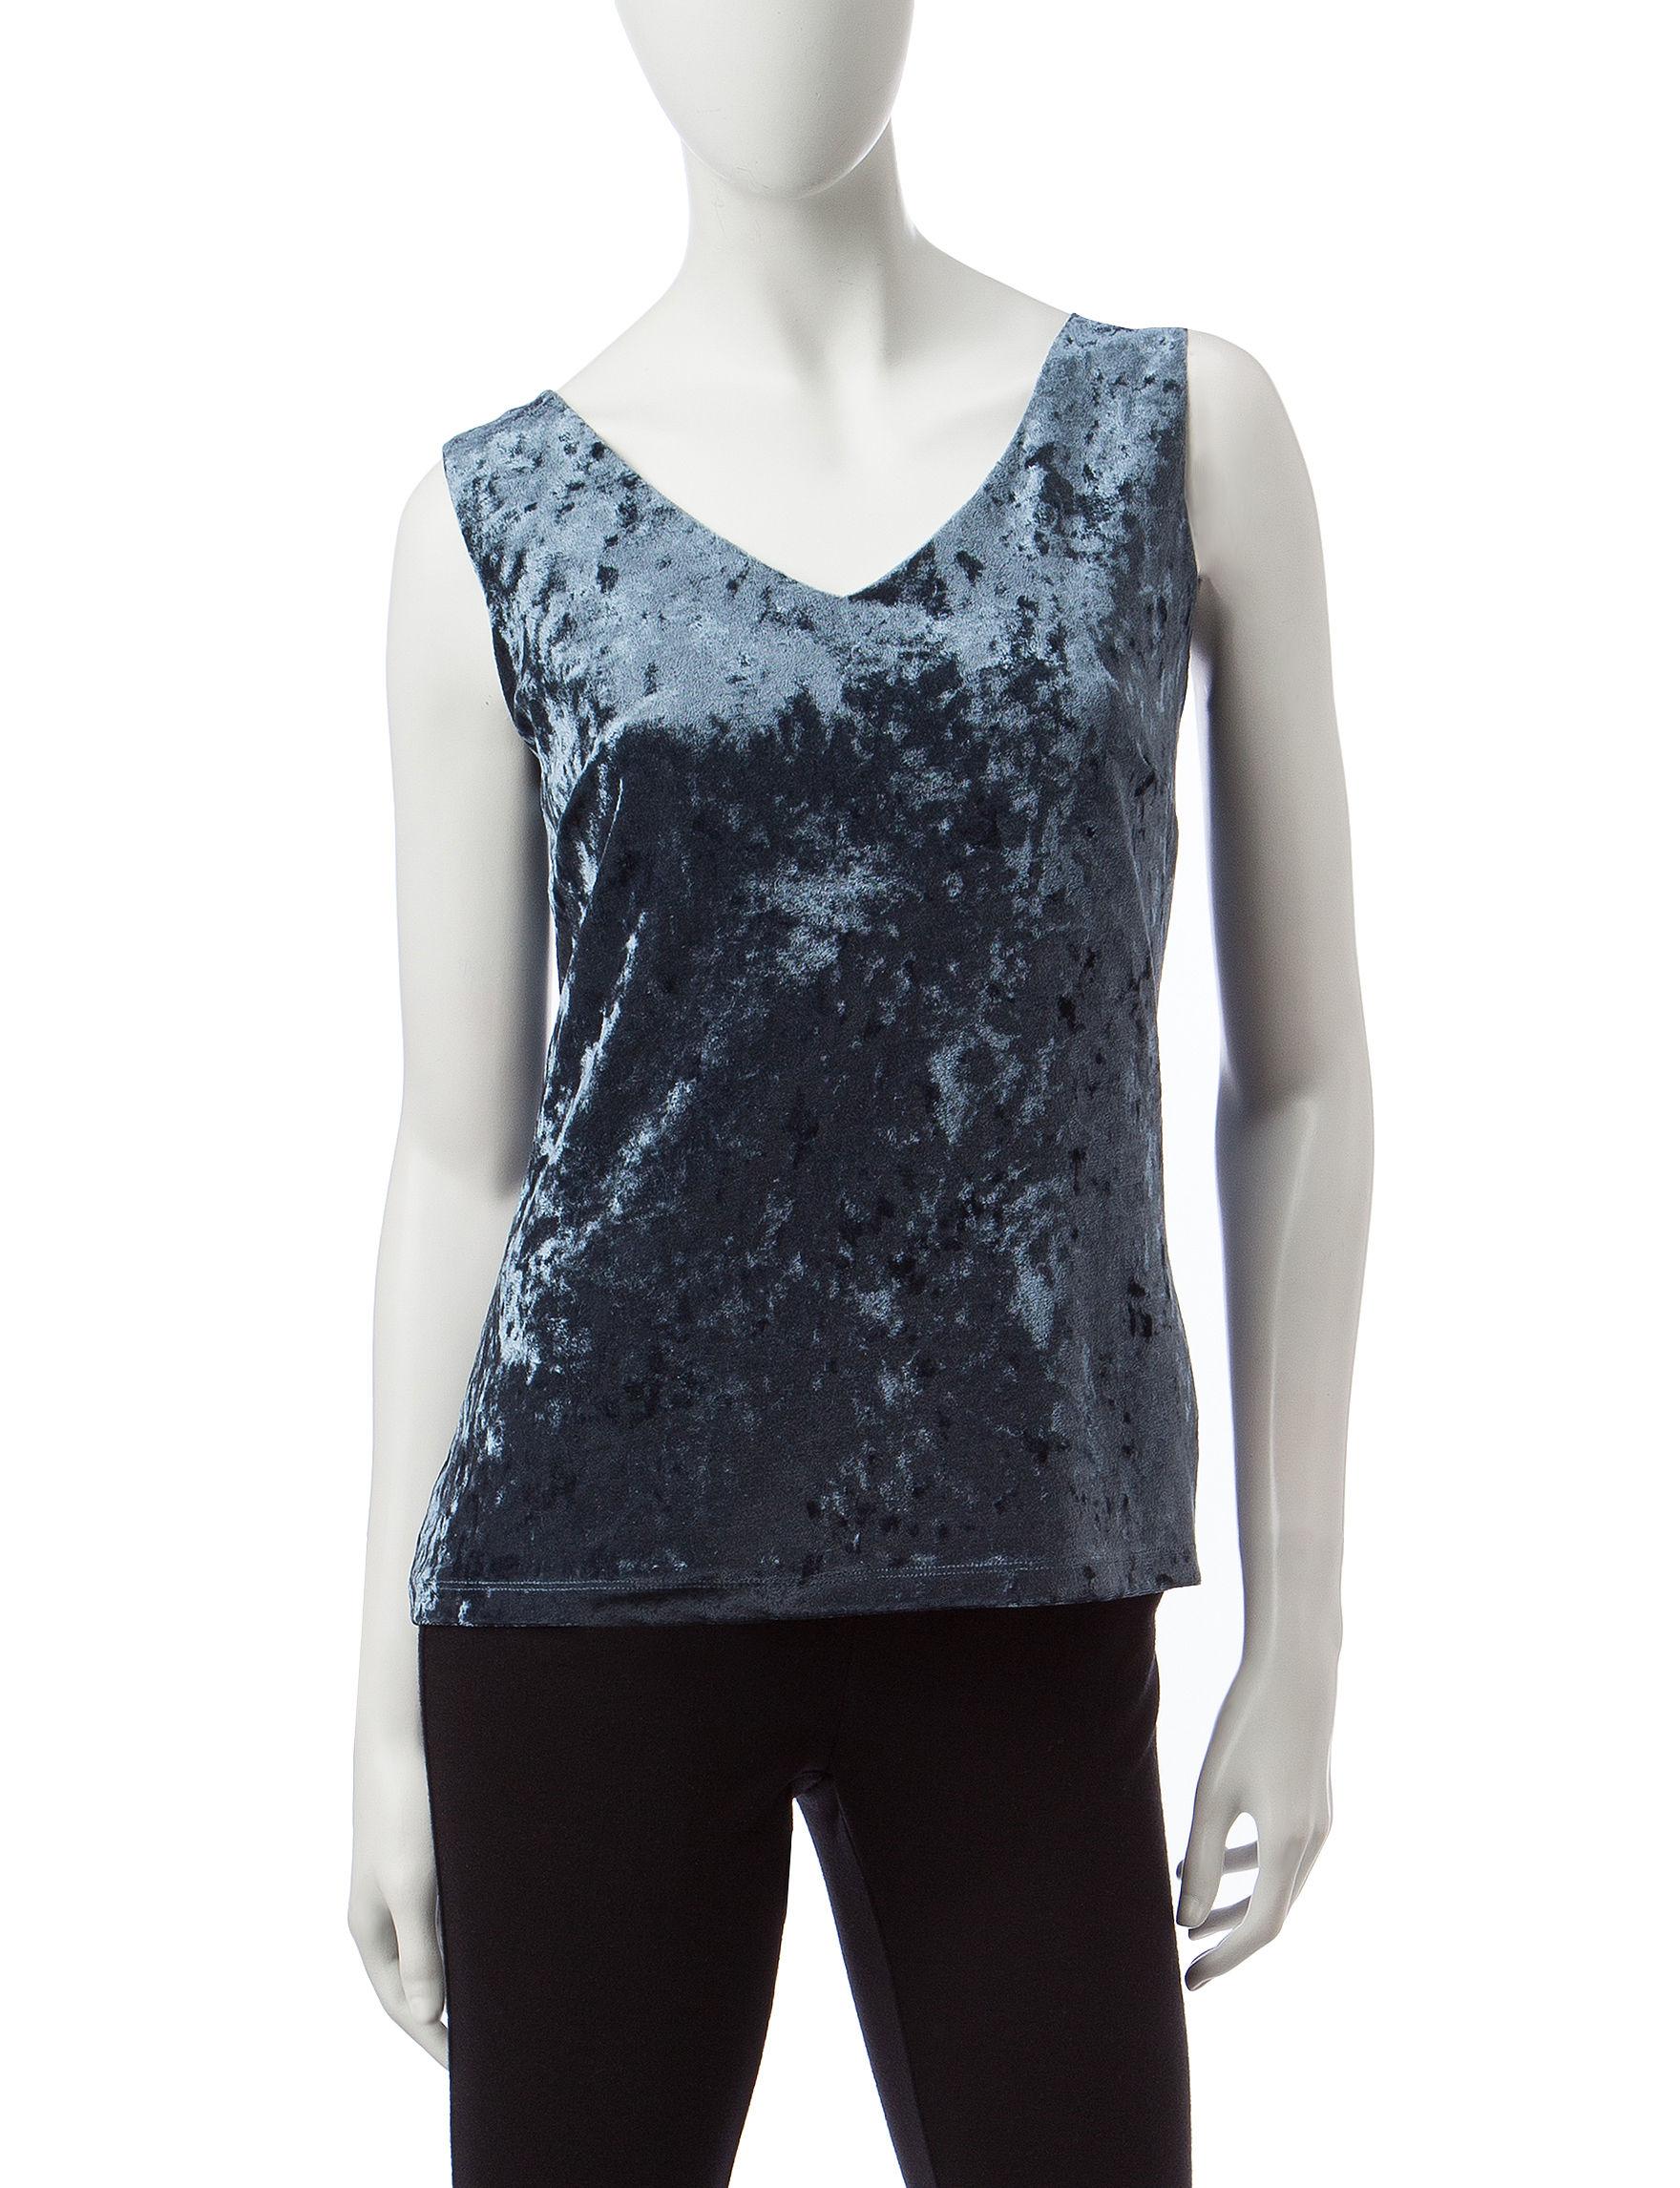 Valerie Stevens Slate Shirts & Blouses